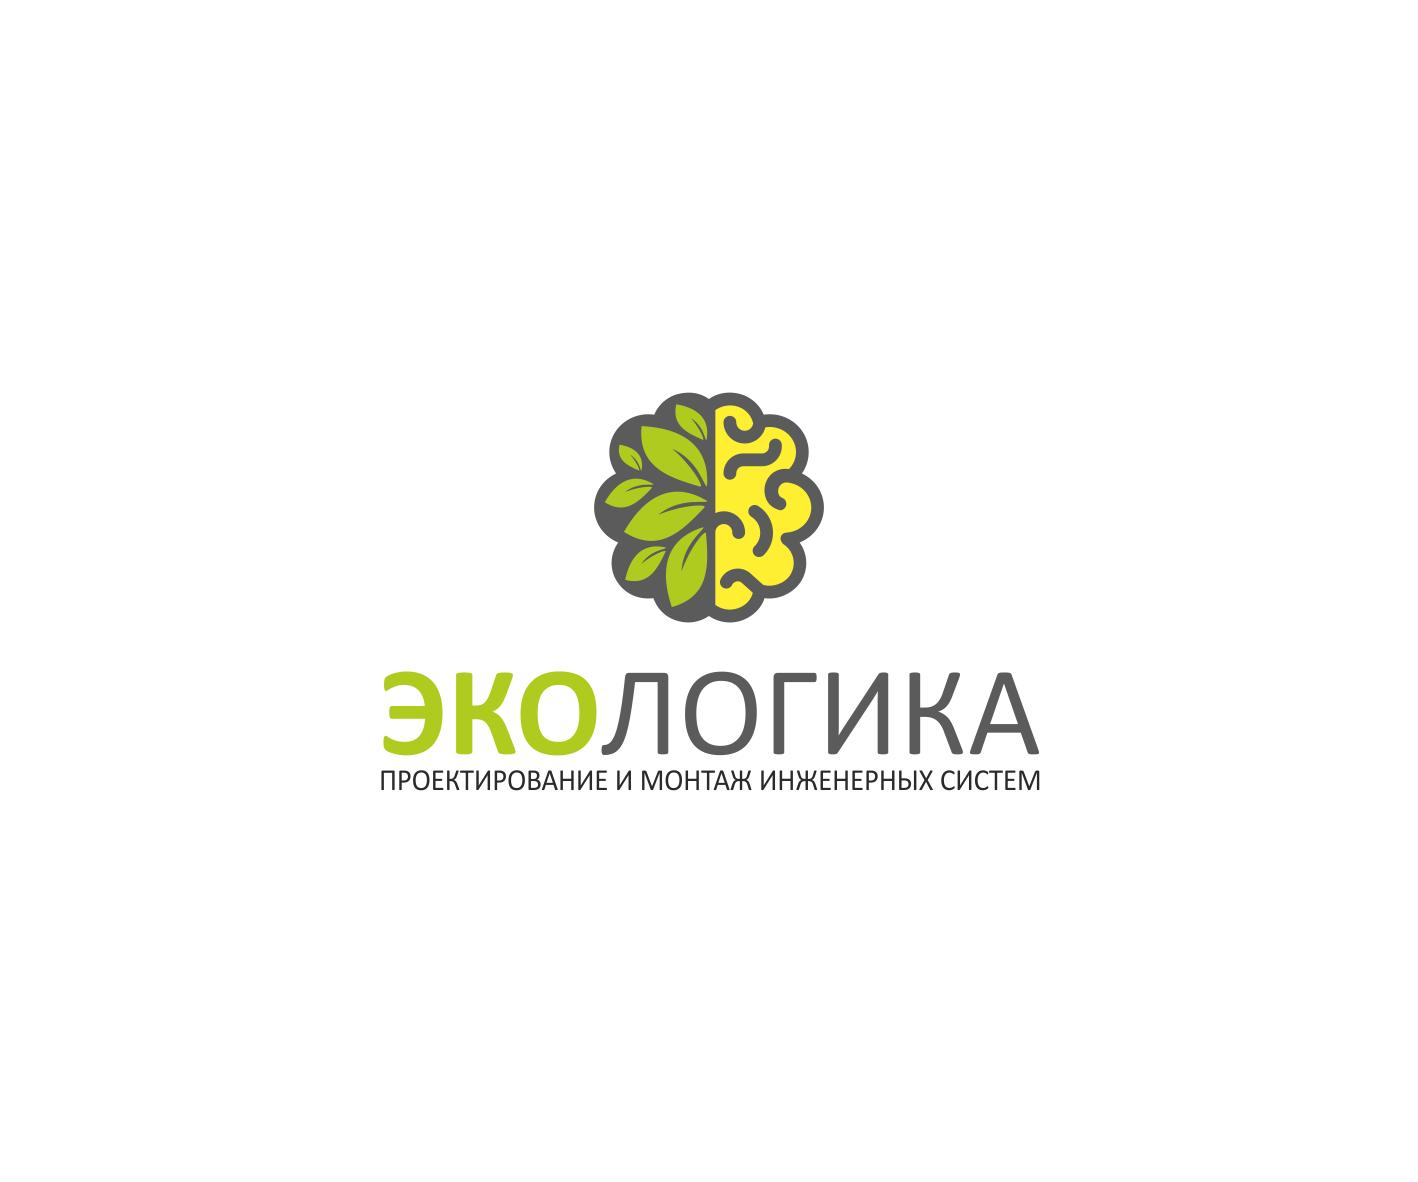 Логотип ЭКОЛОГИКА фото f_586593710fe31dcd.jpg